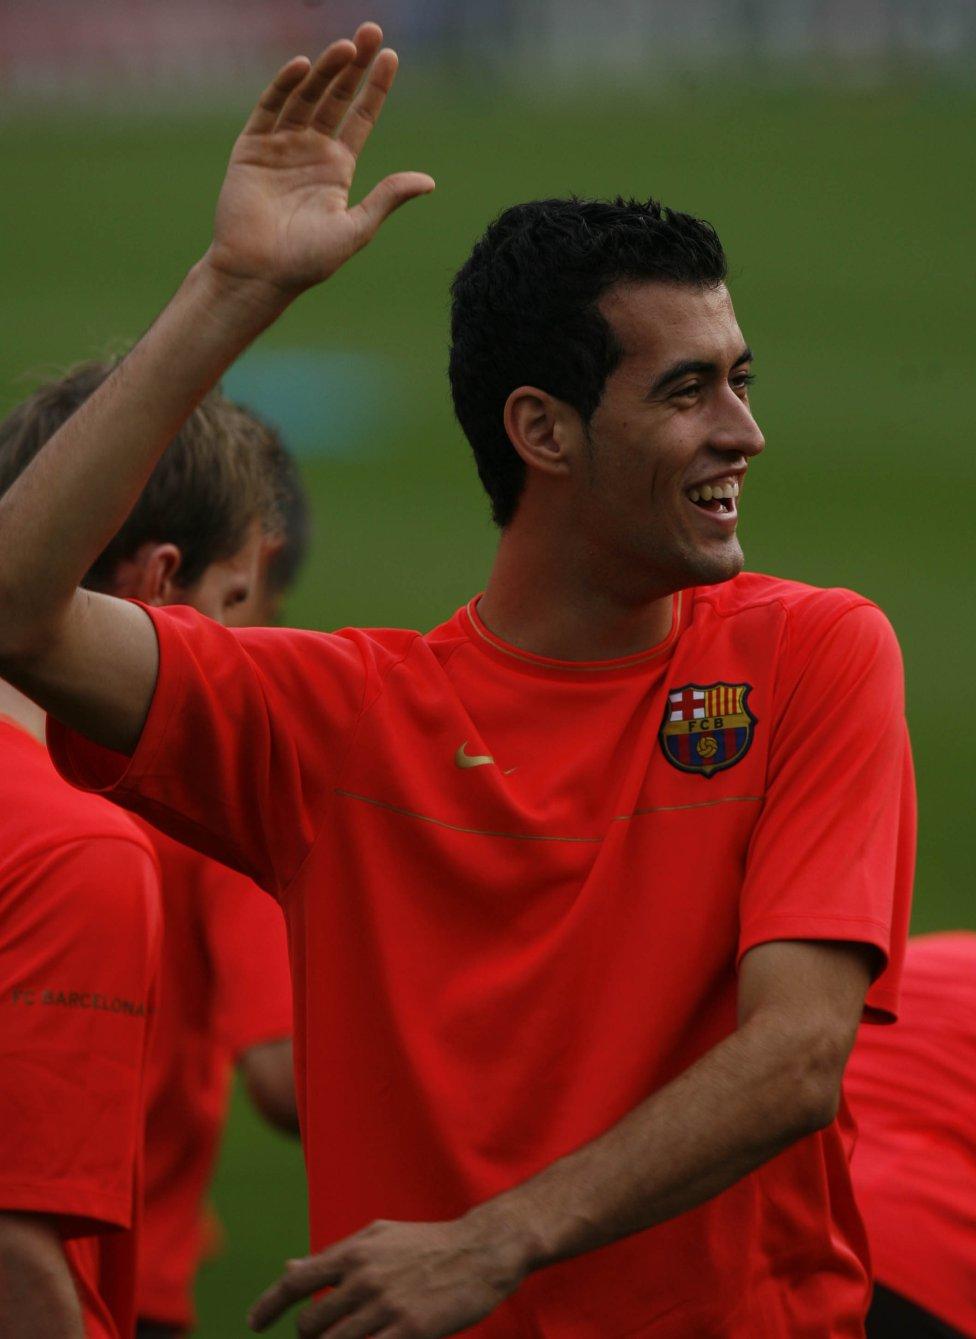 Chùm ảnh: Các ngôi sao Barca trông như thế nào khi bắt đầu sự nghiệp?